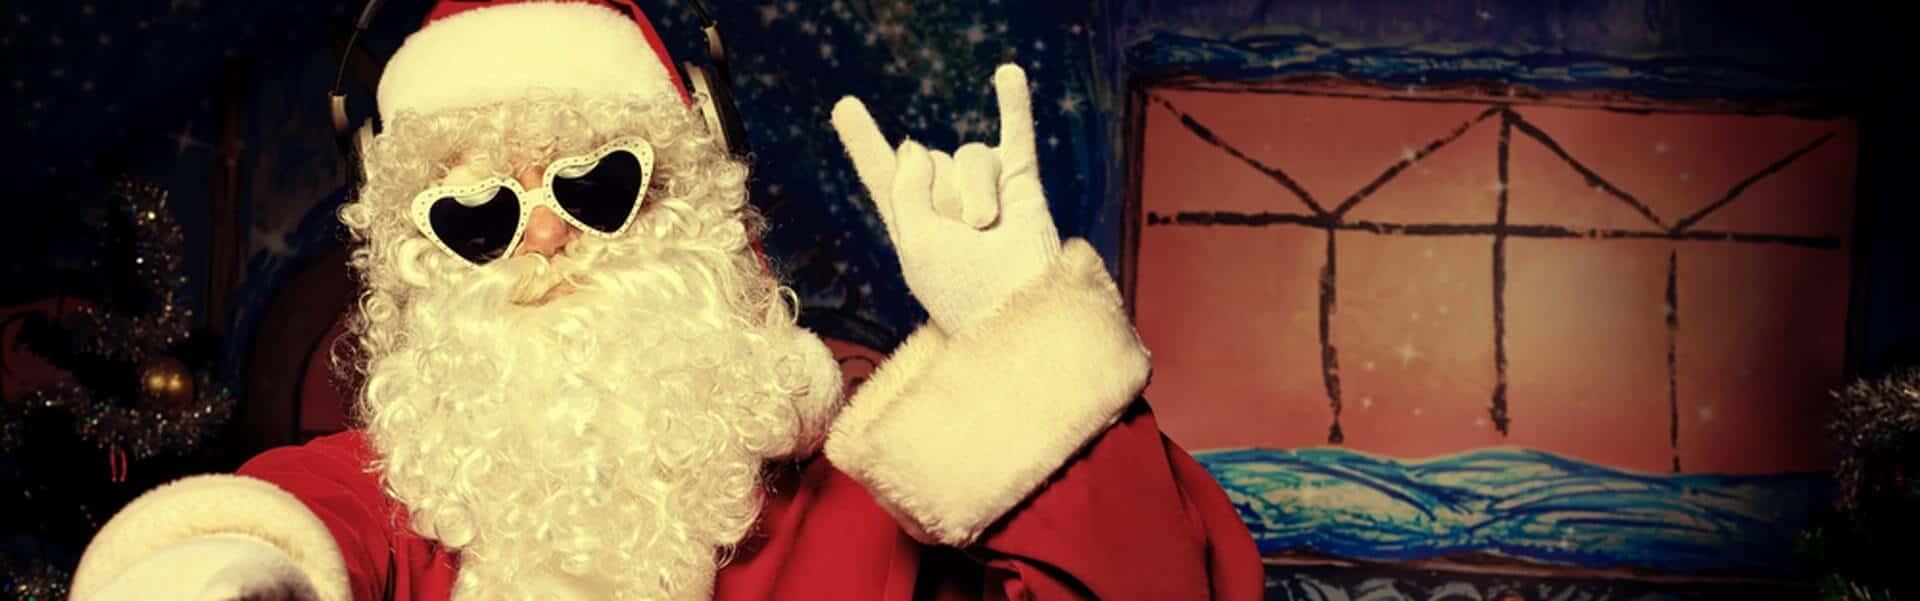 Rock'n'Roll Christmas Motto Weihnachtsfeier von b-ceed